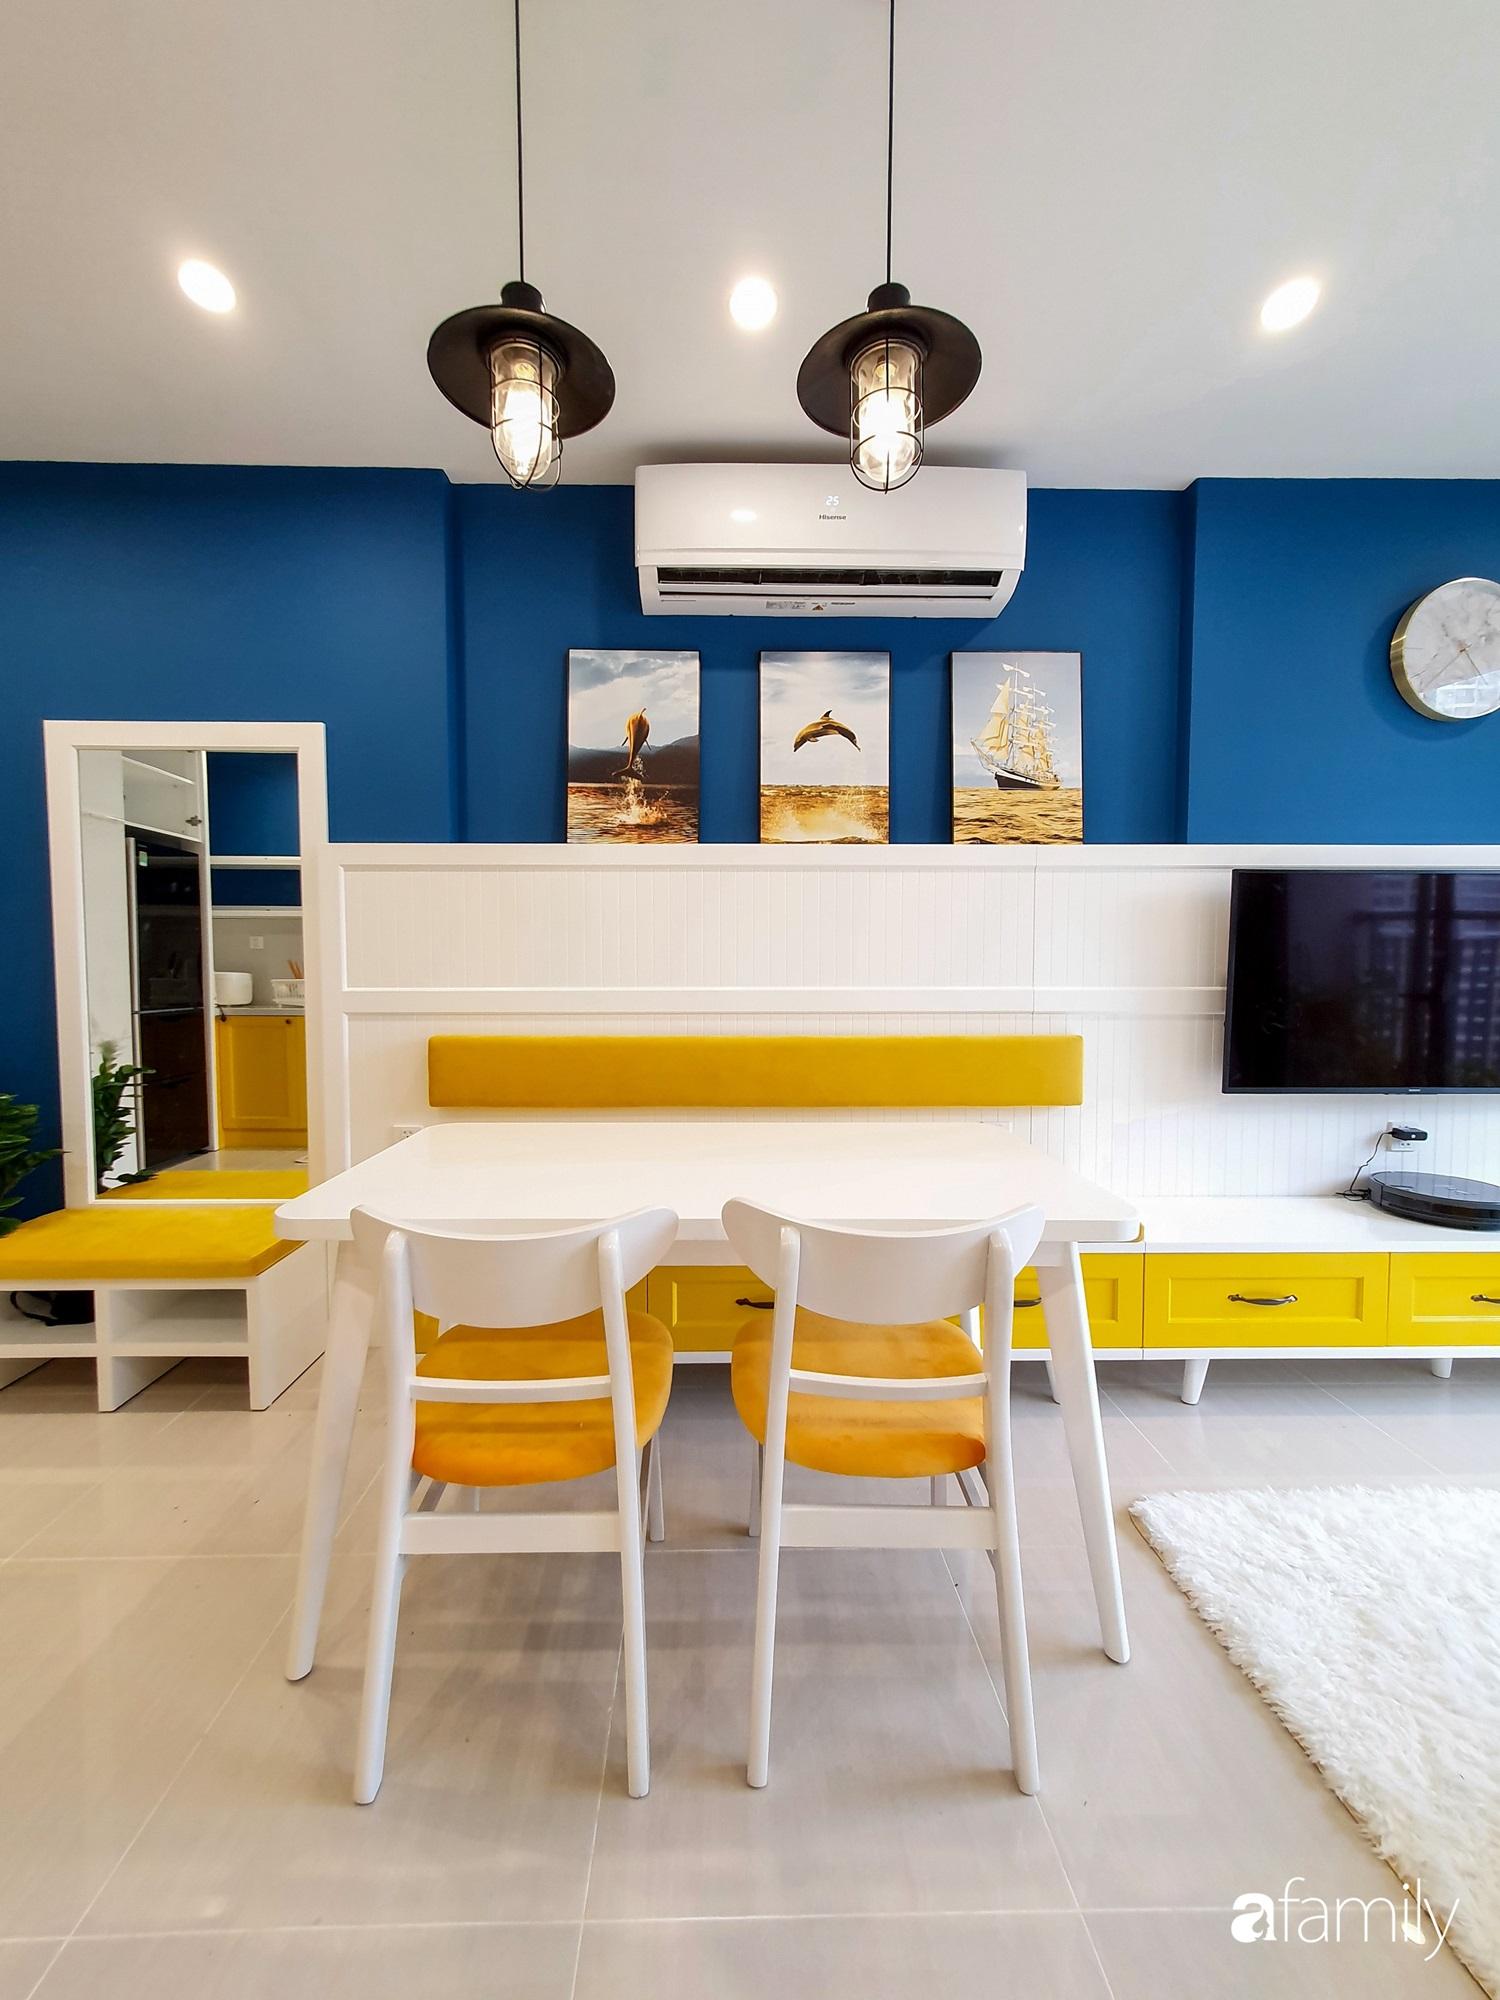 Căn hộ 75m² cá tính với cách phối màu vàng - xanh tinh tế có chi phí hoàn thiện 270 triệu đồng ở Hà Nội - Ảnh 6.